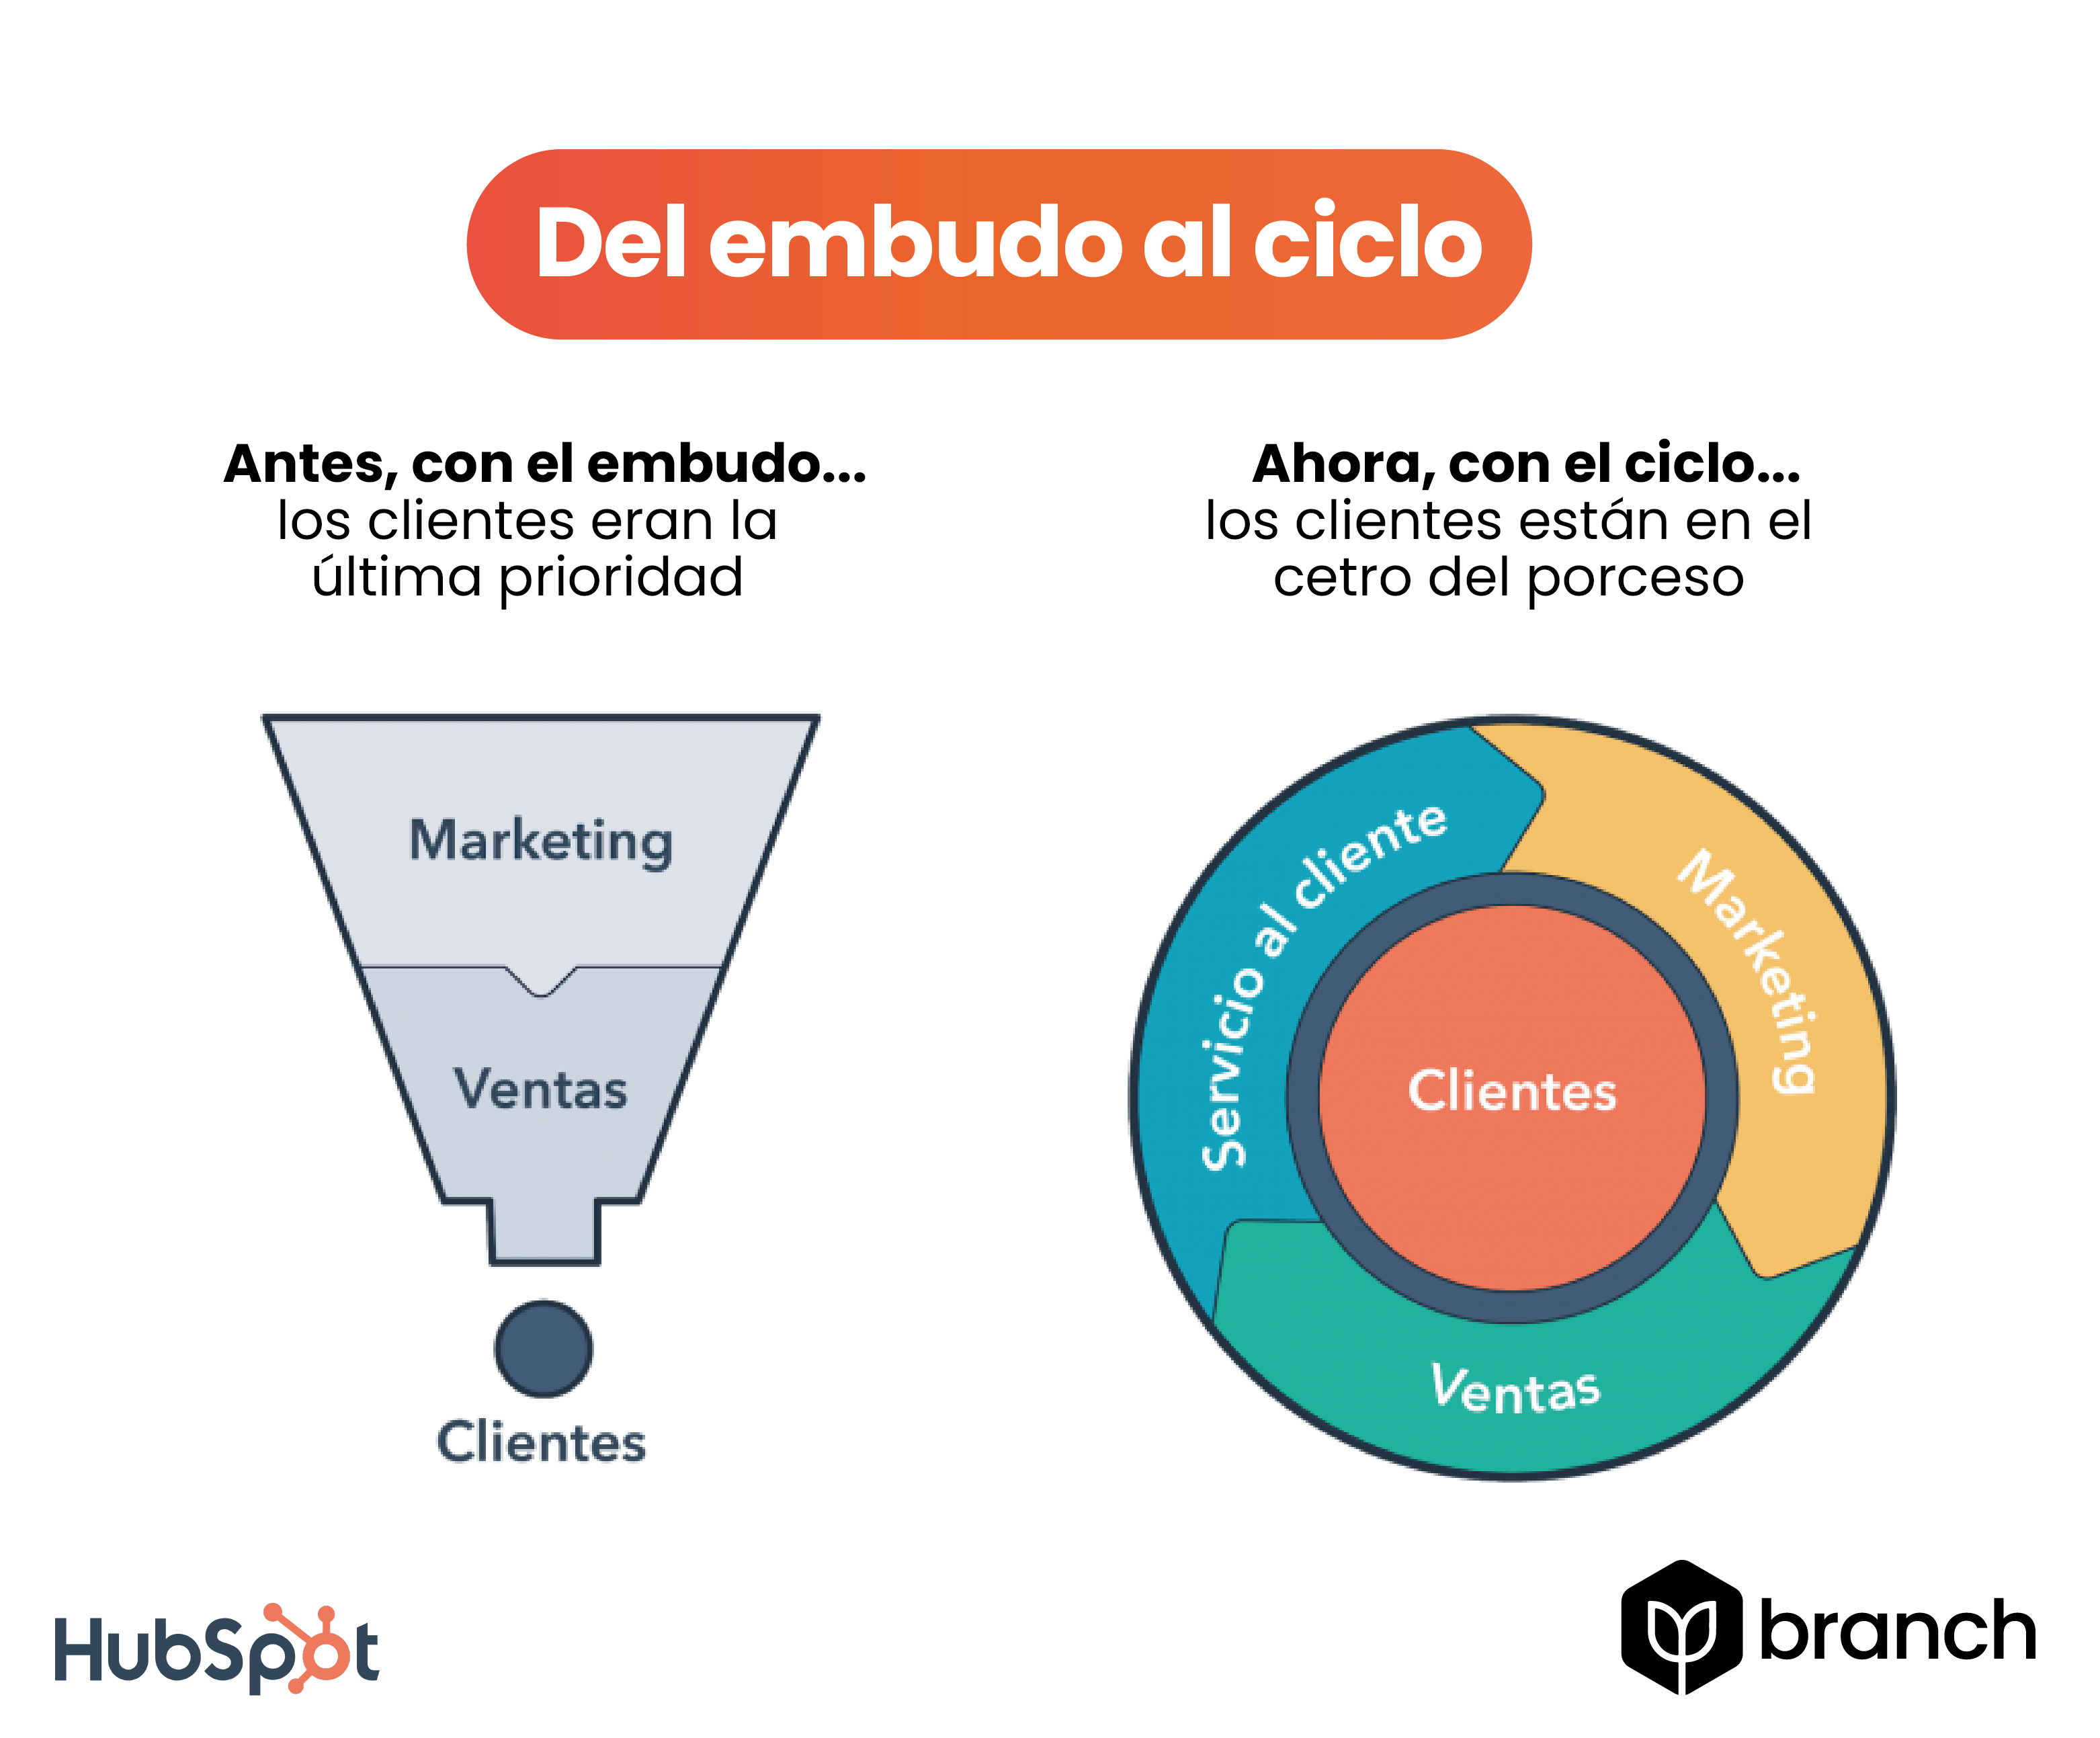 del-embudo-al-ciclo-inbound-marketing